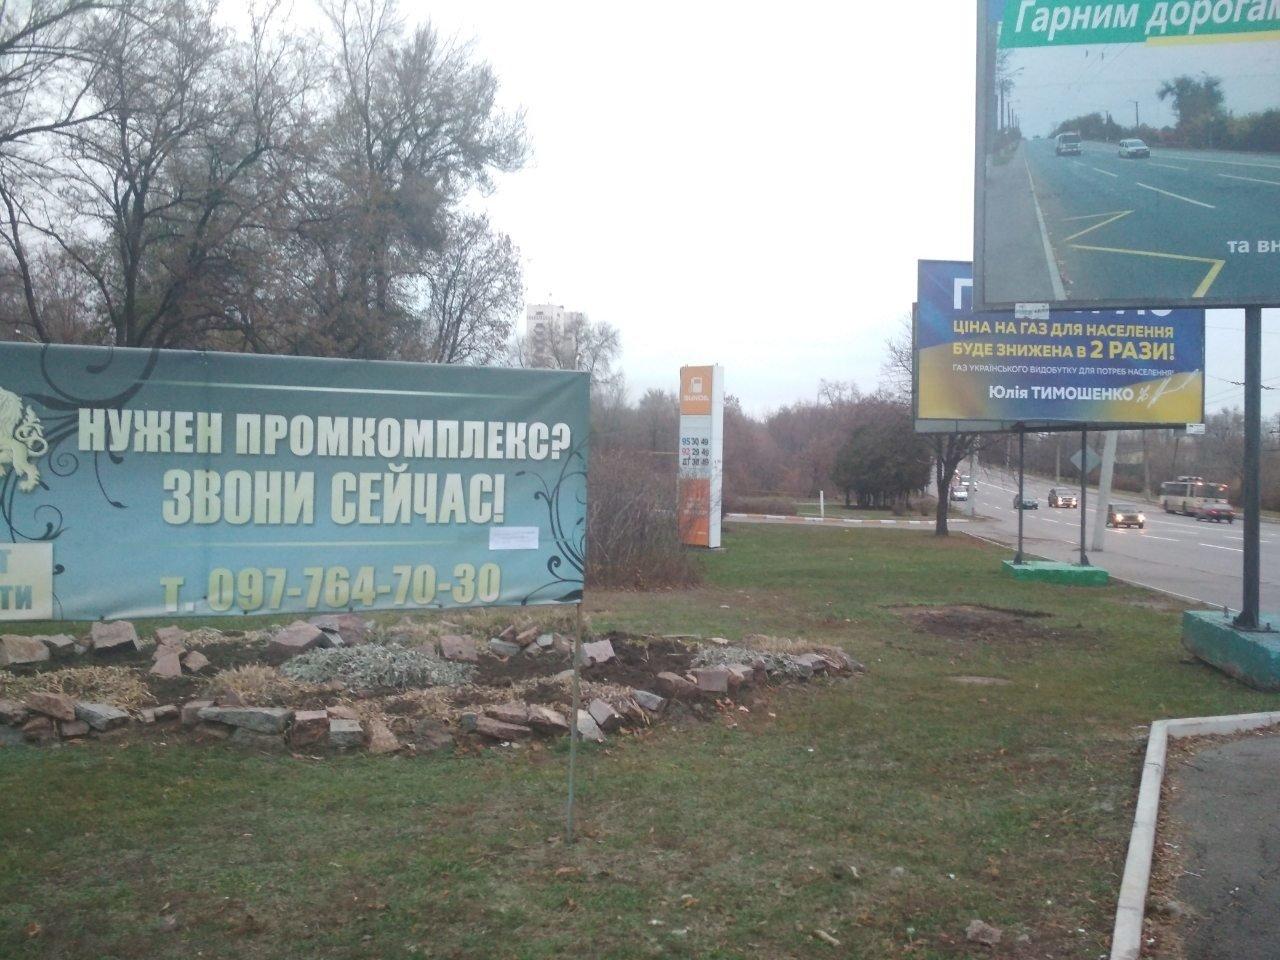 Криворожским предпринимателям дали несколько дней на демонтаж незаконной рекламы, - ФОТО , фото-12